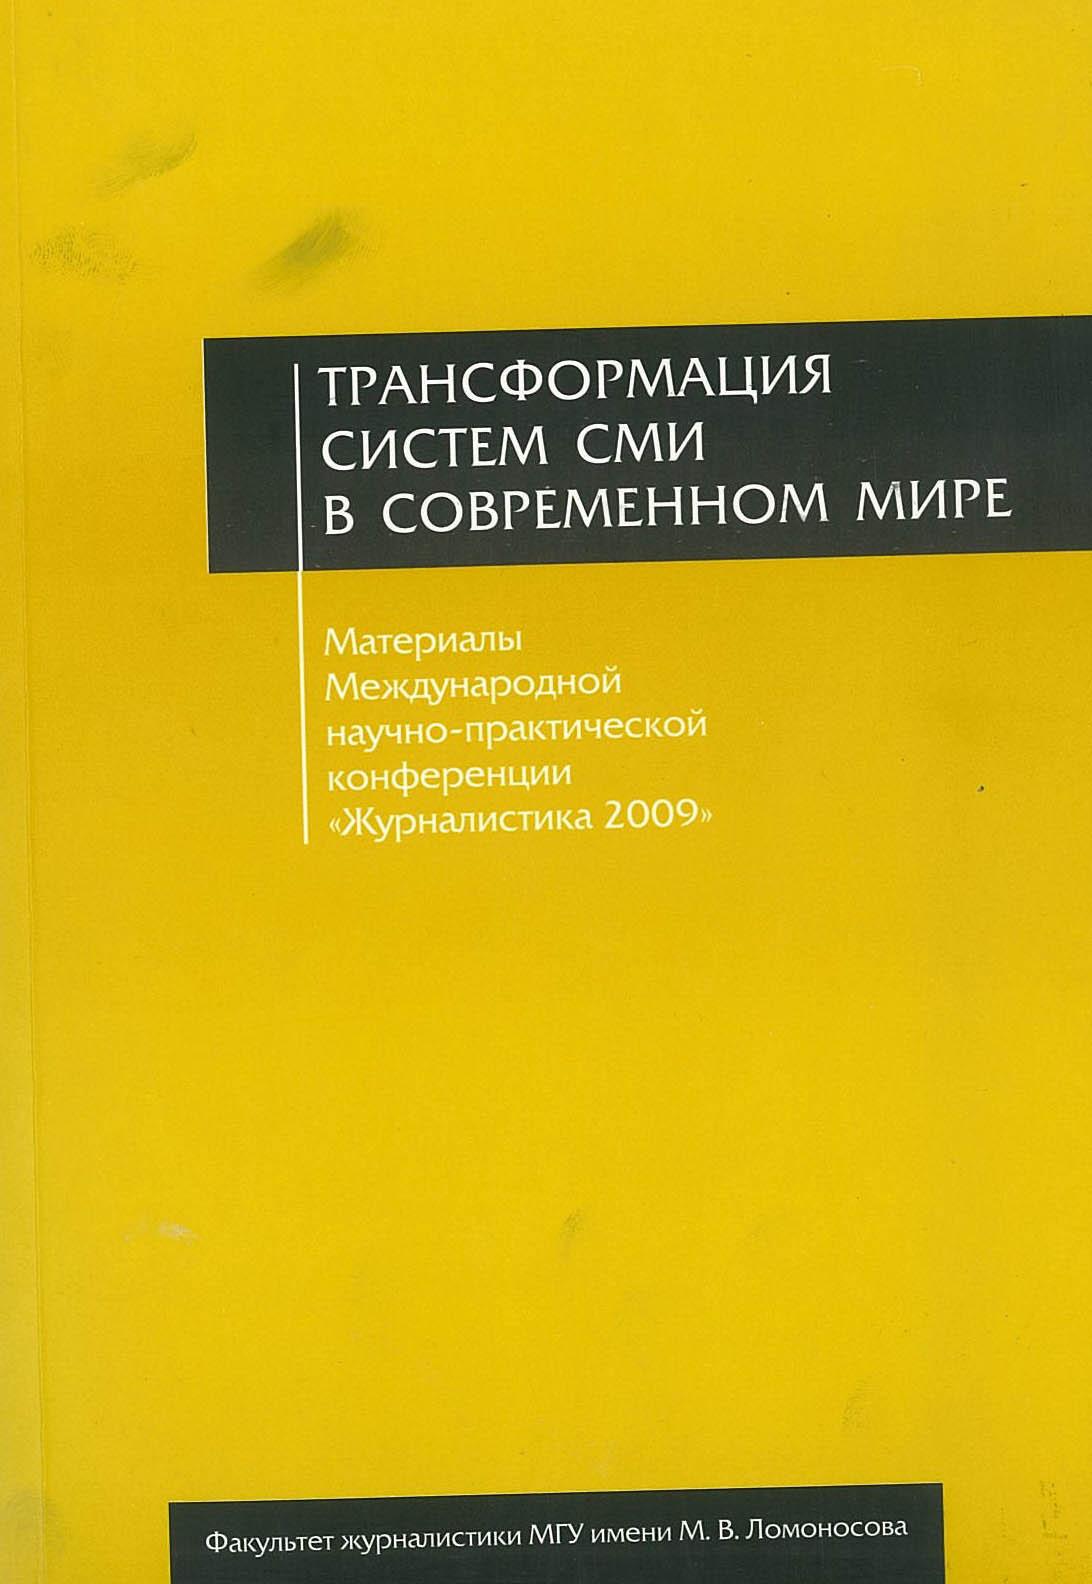 Журналистика в 2009 году: Трансформация систем СМИ в современном мире. Сборник материалов Международной научно-практической конференции